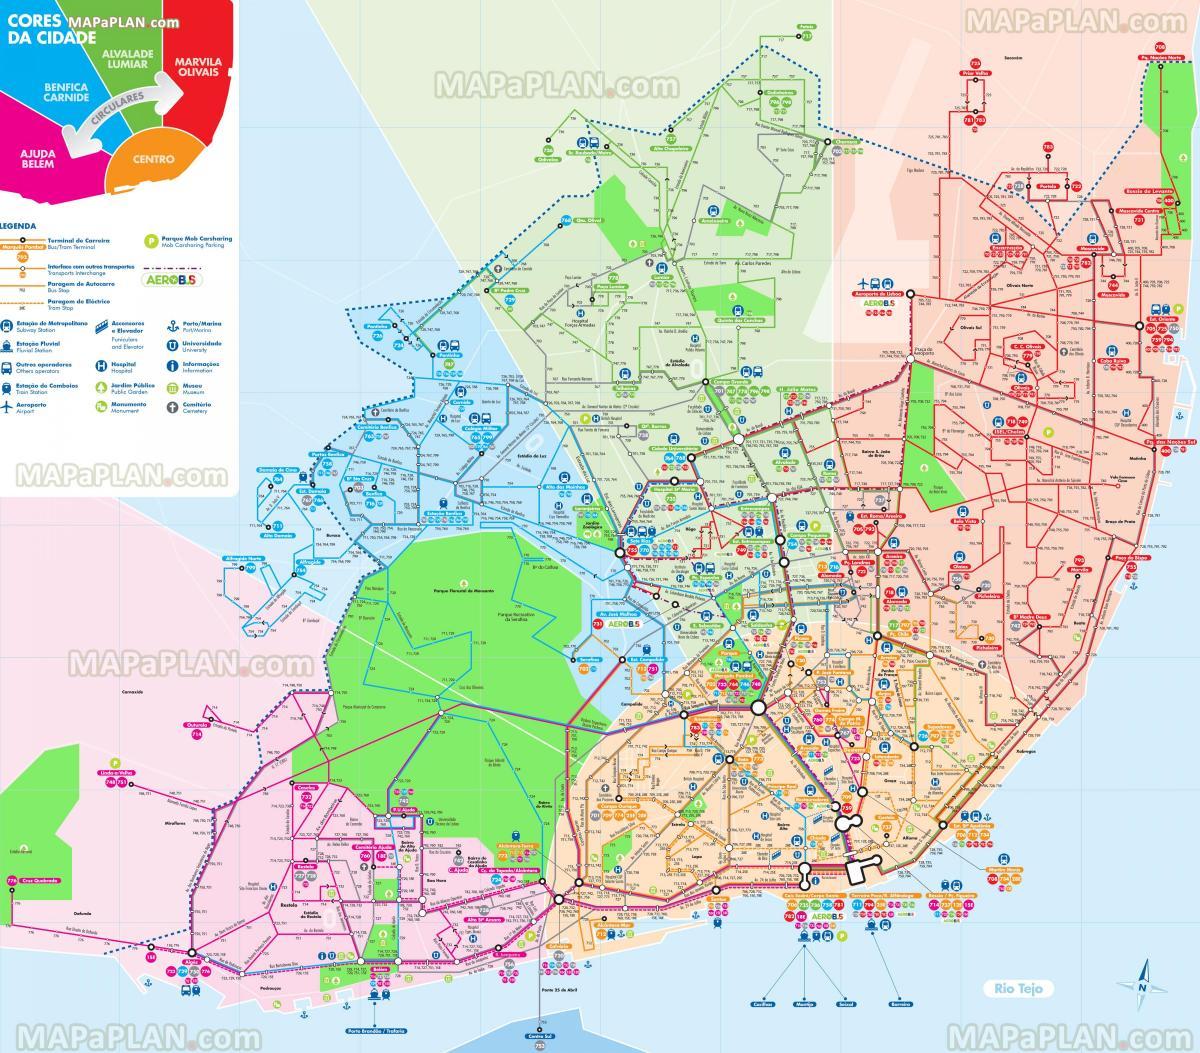 Mapa De Autocarros Da Carris Mapa Das Linhas De Autocarros De